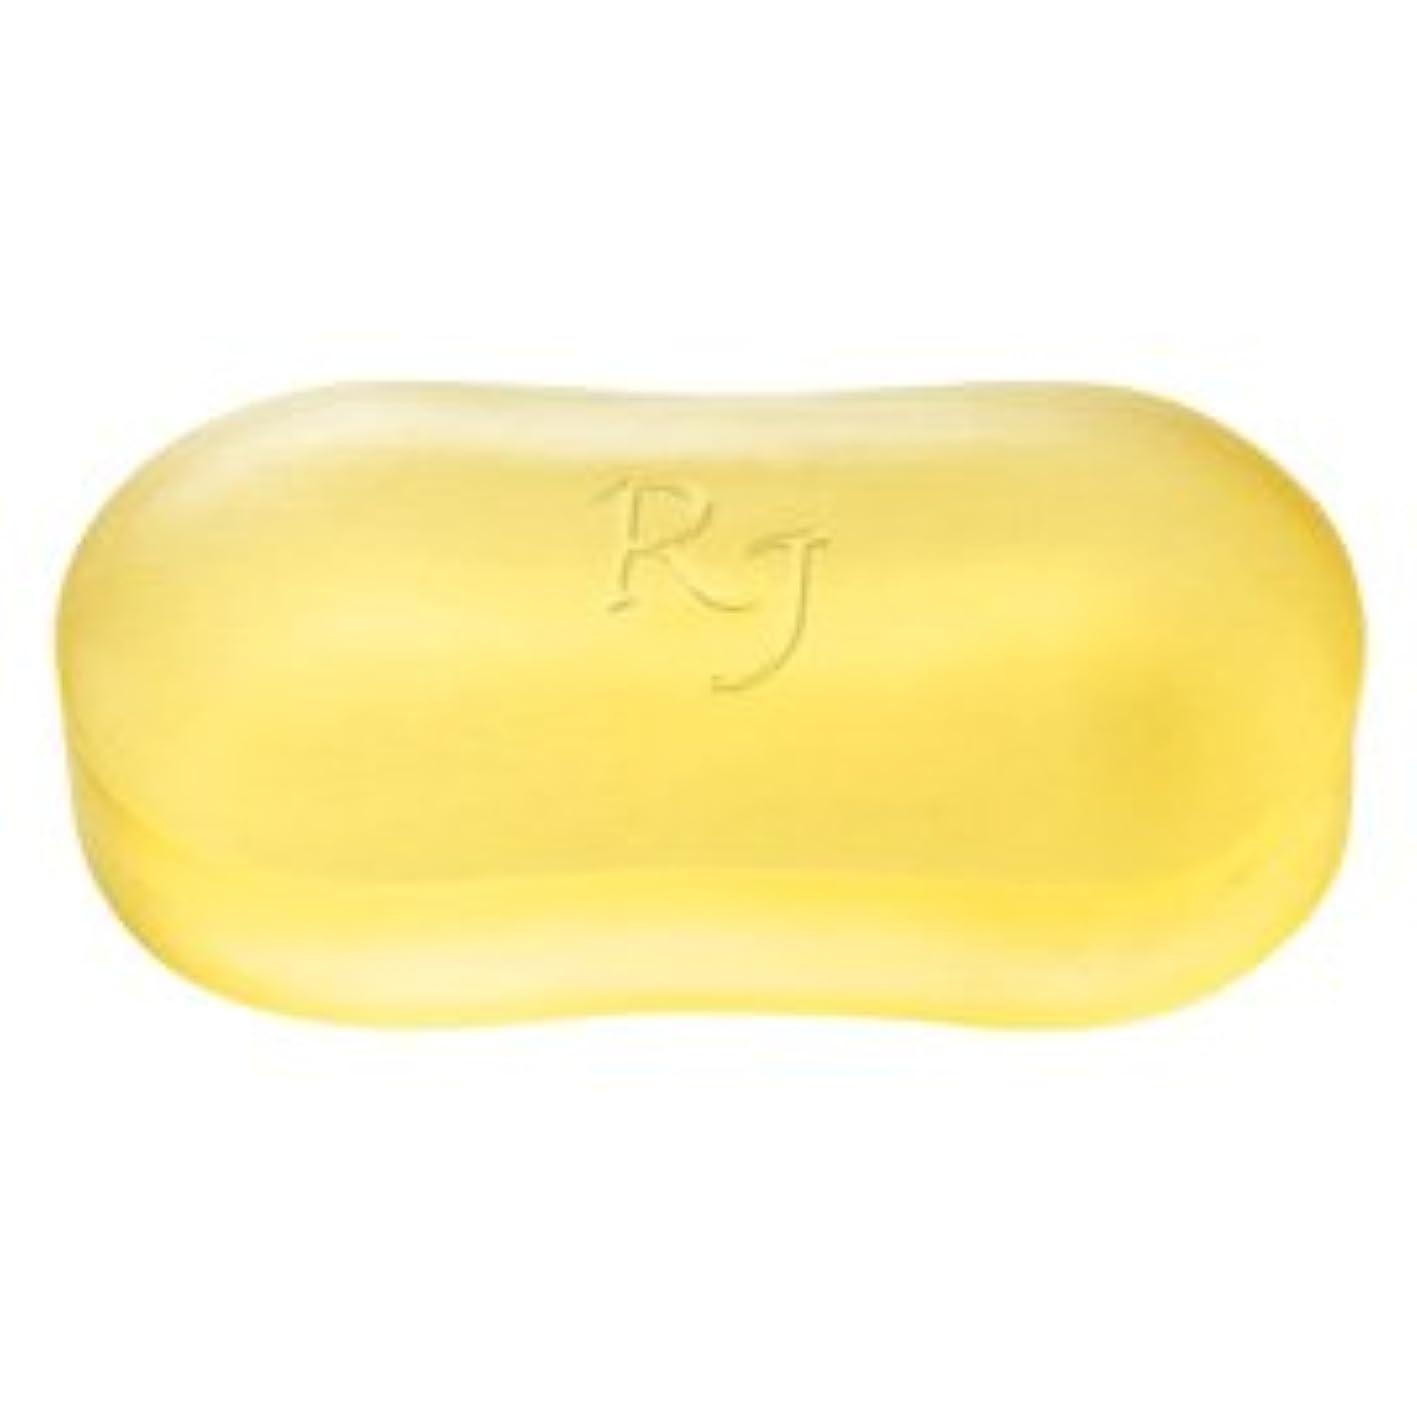 筋肉の写真周術期RJスキンケアソープ(洗顔石鹸) 120g/ RJ Skin Care Soap <120g>